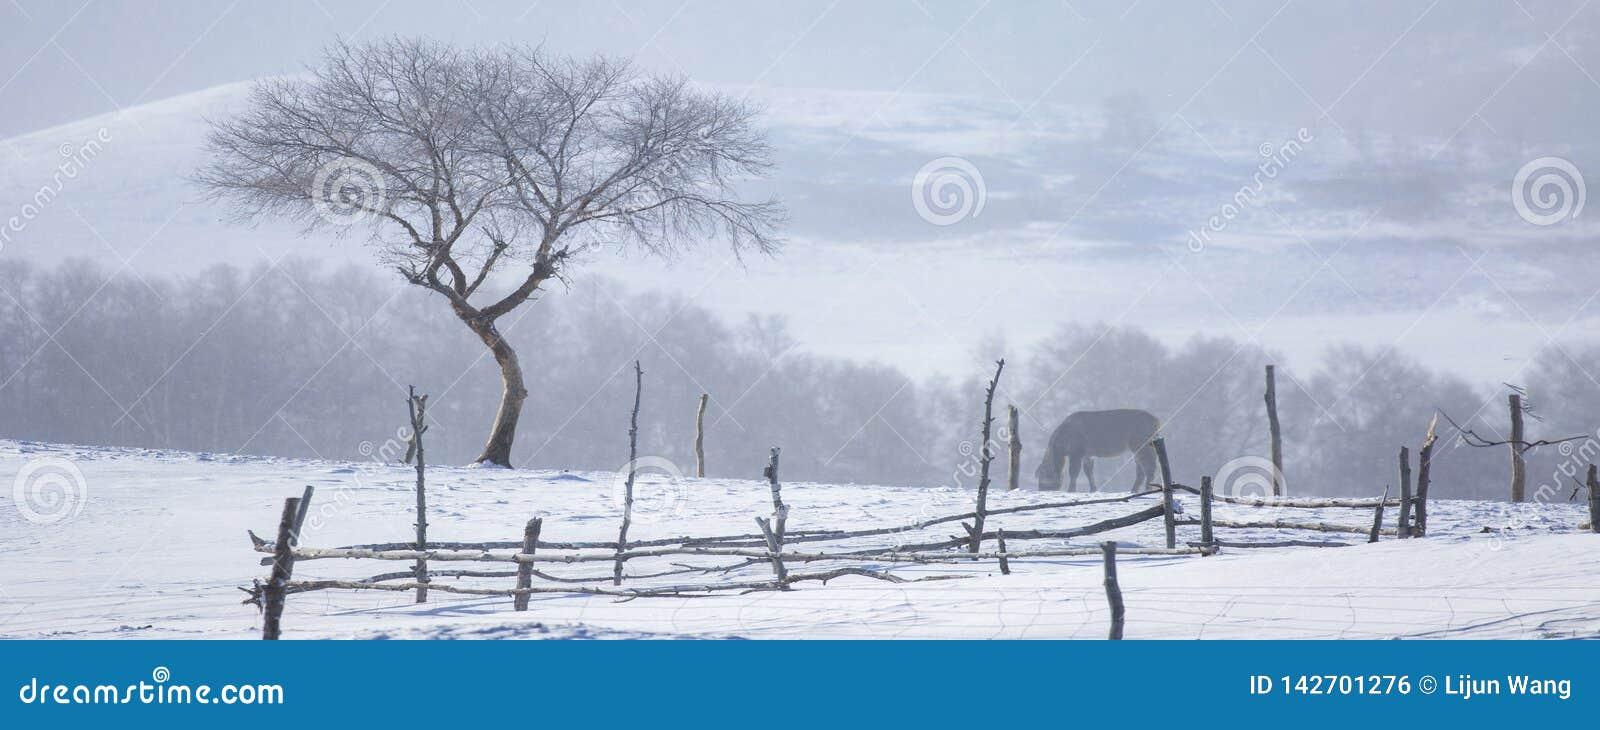 Το δέντρο στο χιόνι